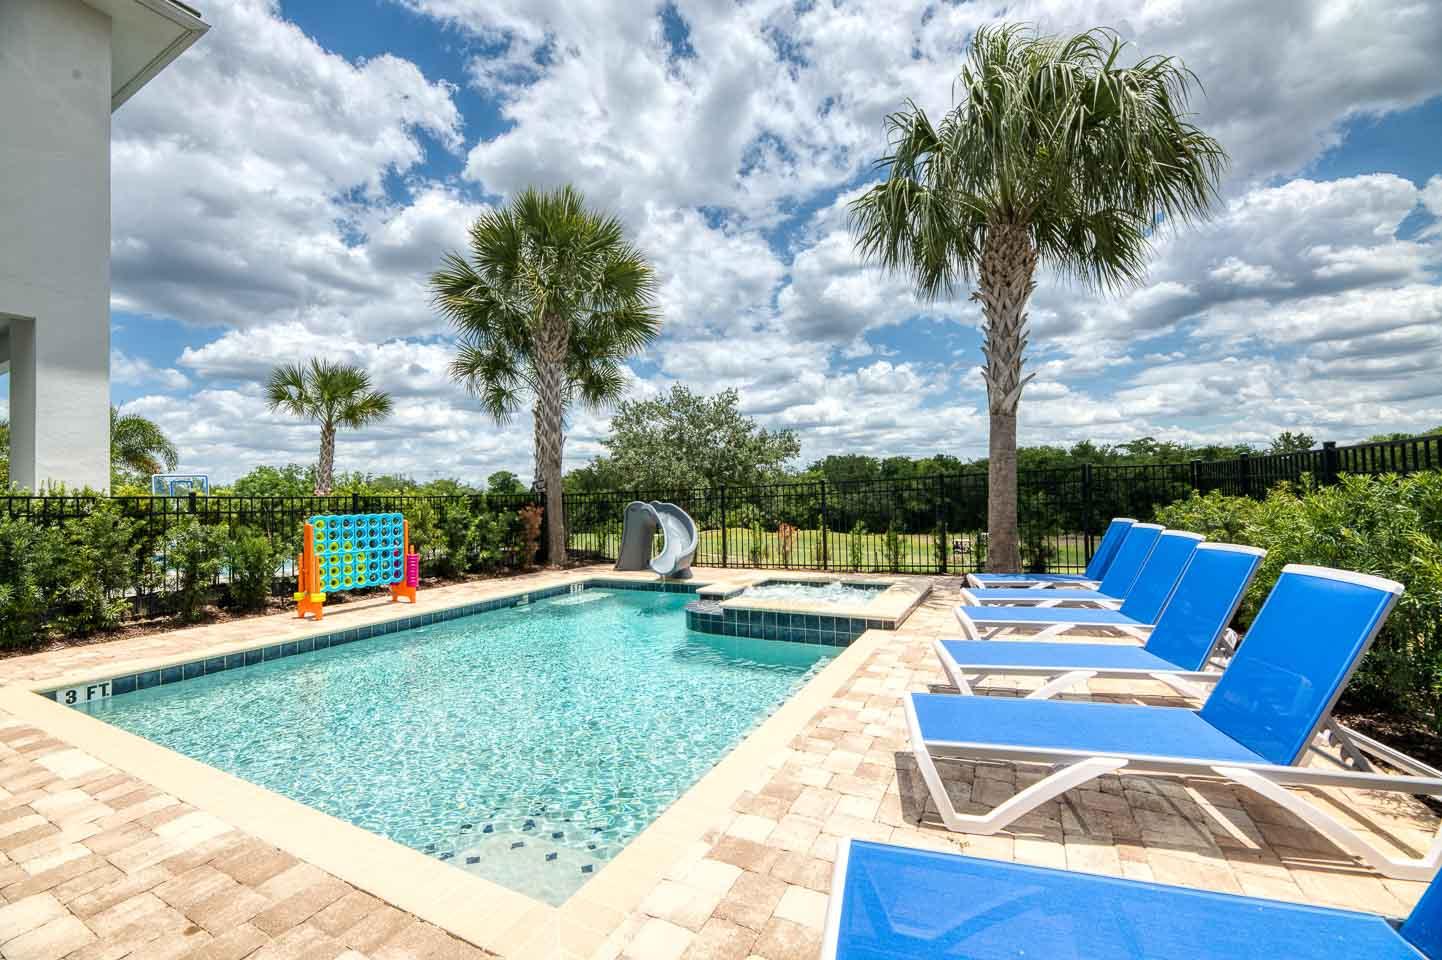 [amenities:pool-slide:3] Pool Slide